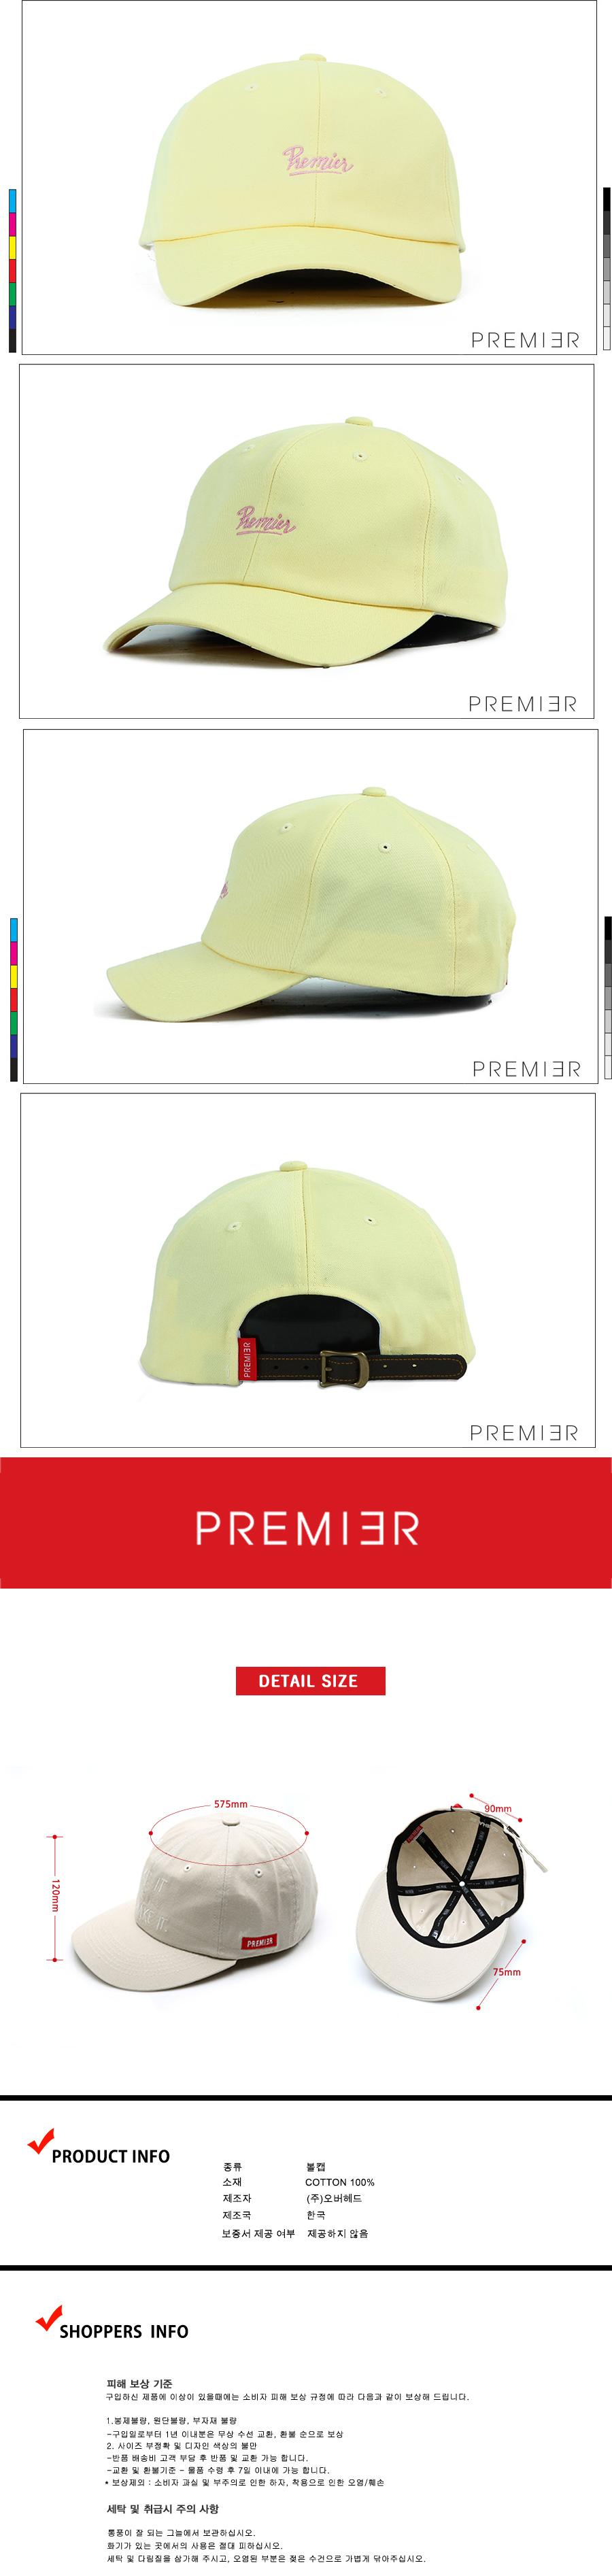 [ PREMIER ] [Premier] Ball Cap Premier Underline Yellow (P905)